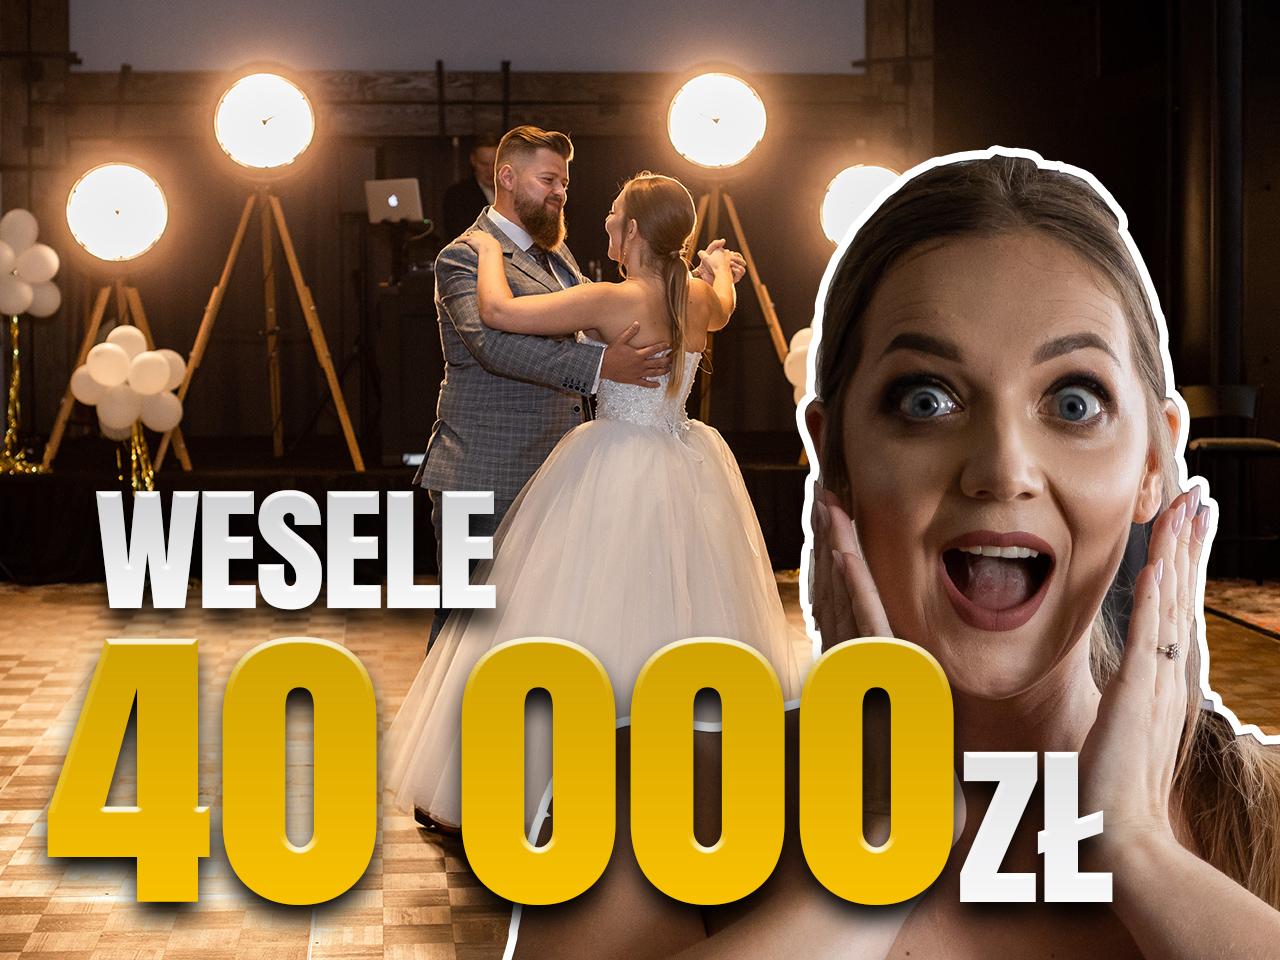 Ile kosztuje wesele na 70 osób? Wywiad #2